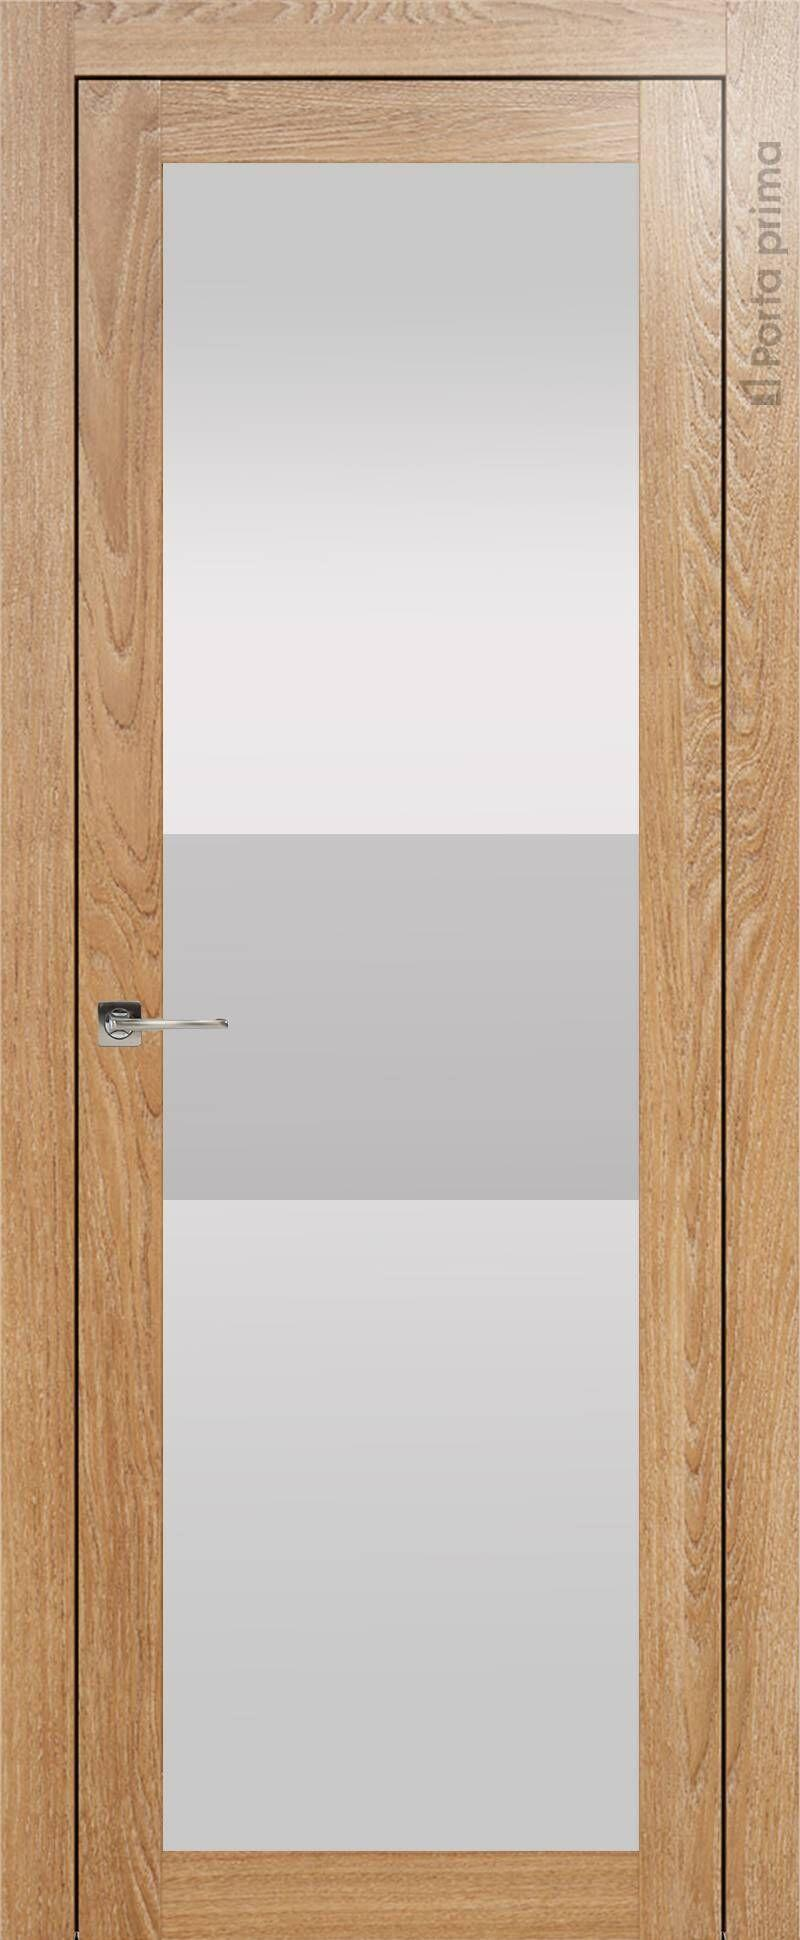 Tivoli З-4 цвет - Дуб капучино Со стеклом (ДО)